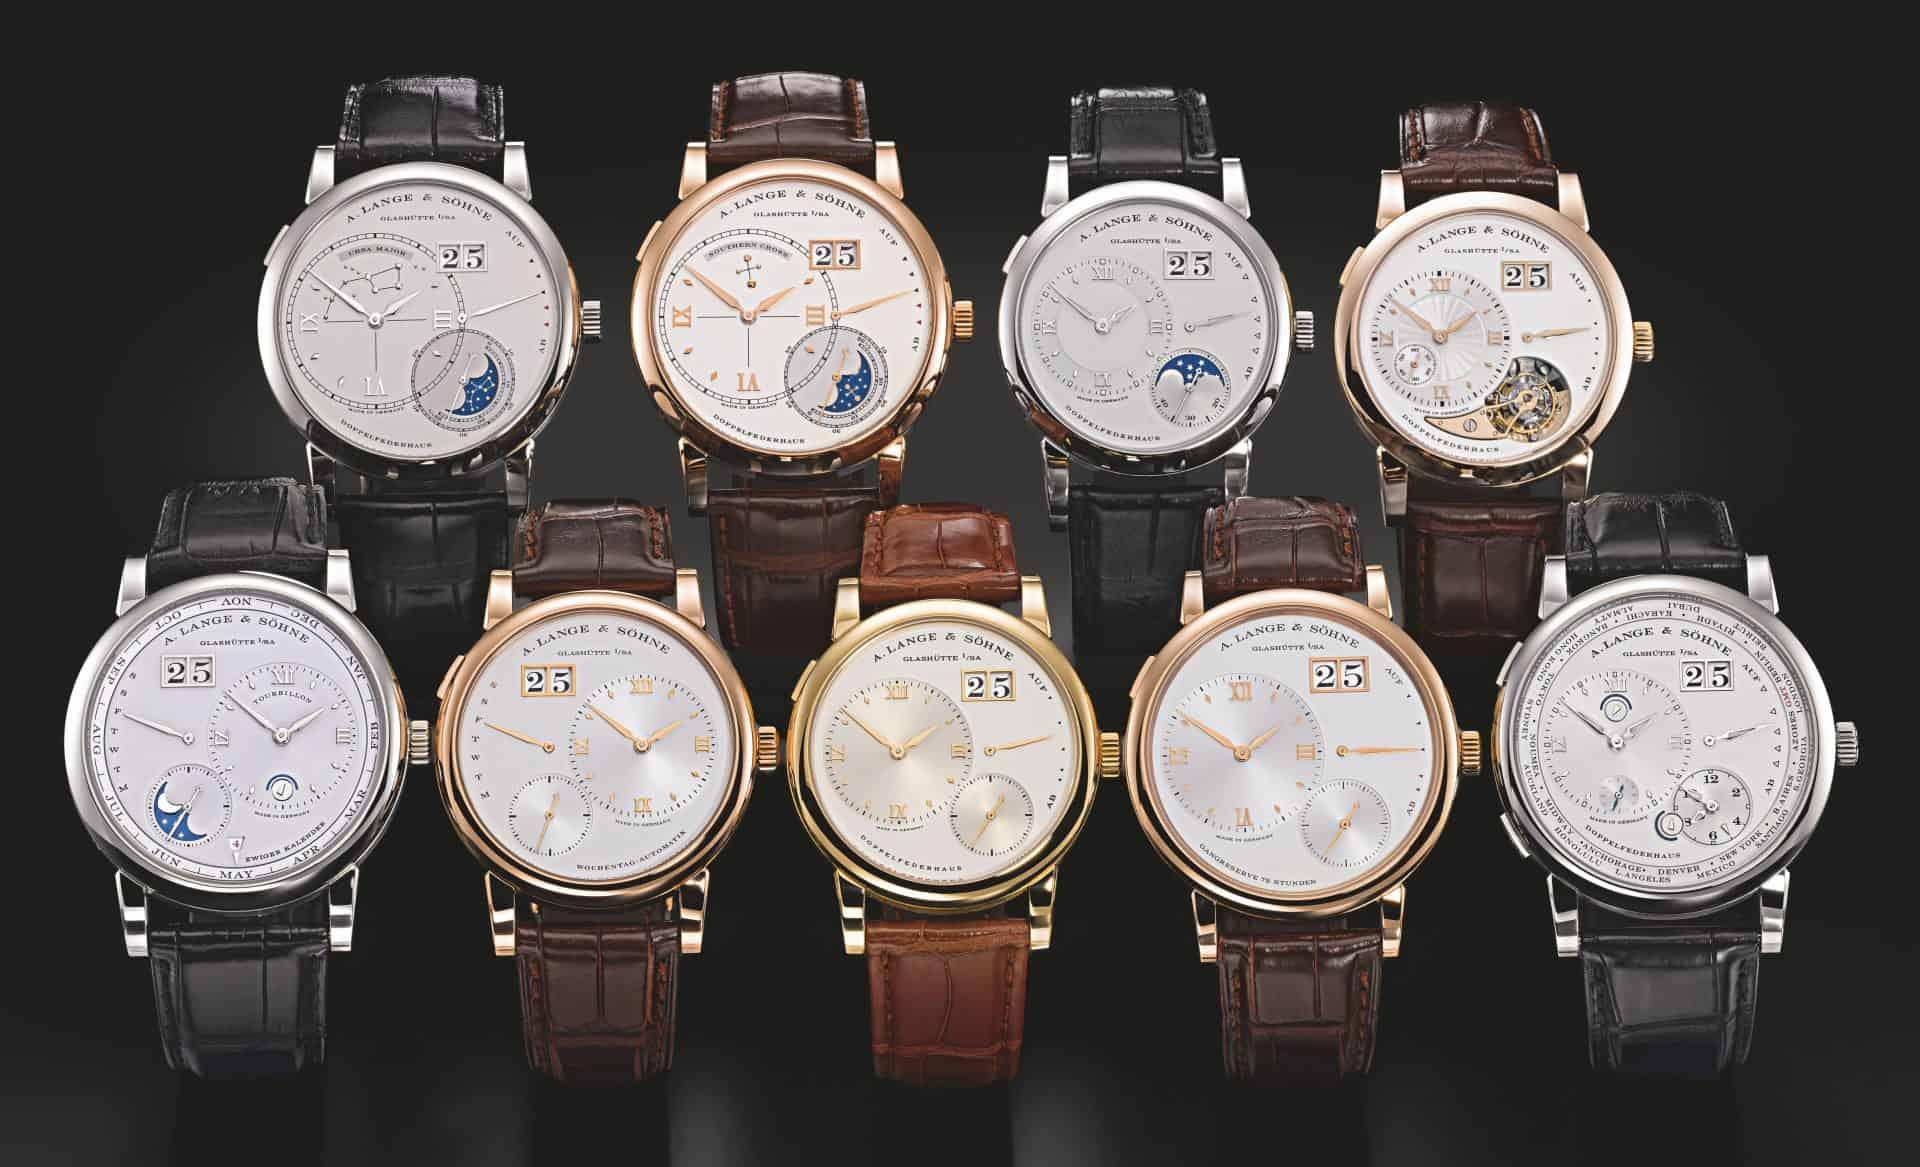 Die Uhren von A. Lange & Söhne im Jahr 2012